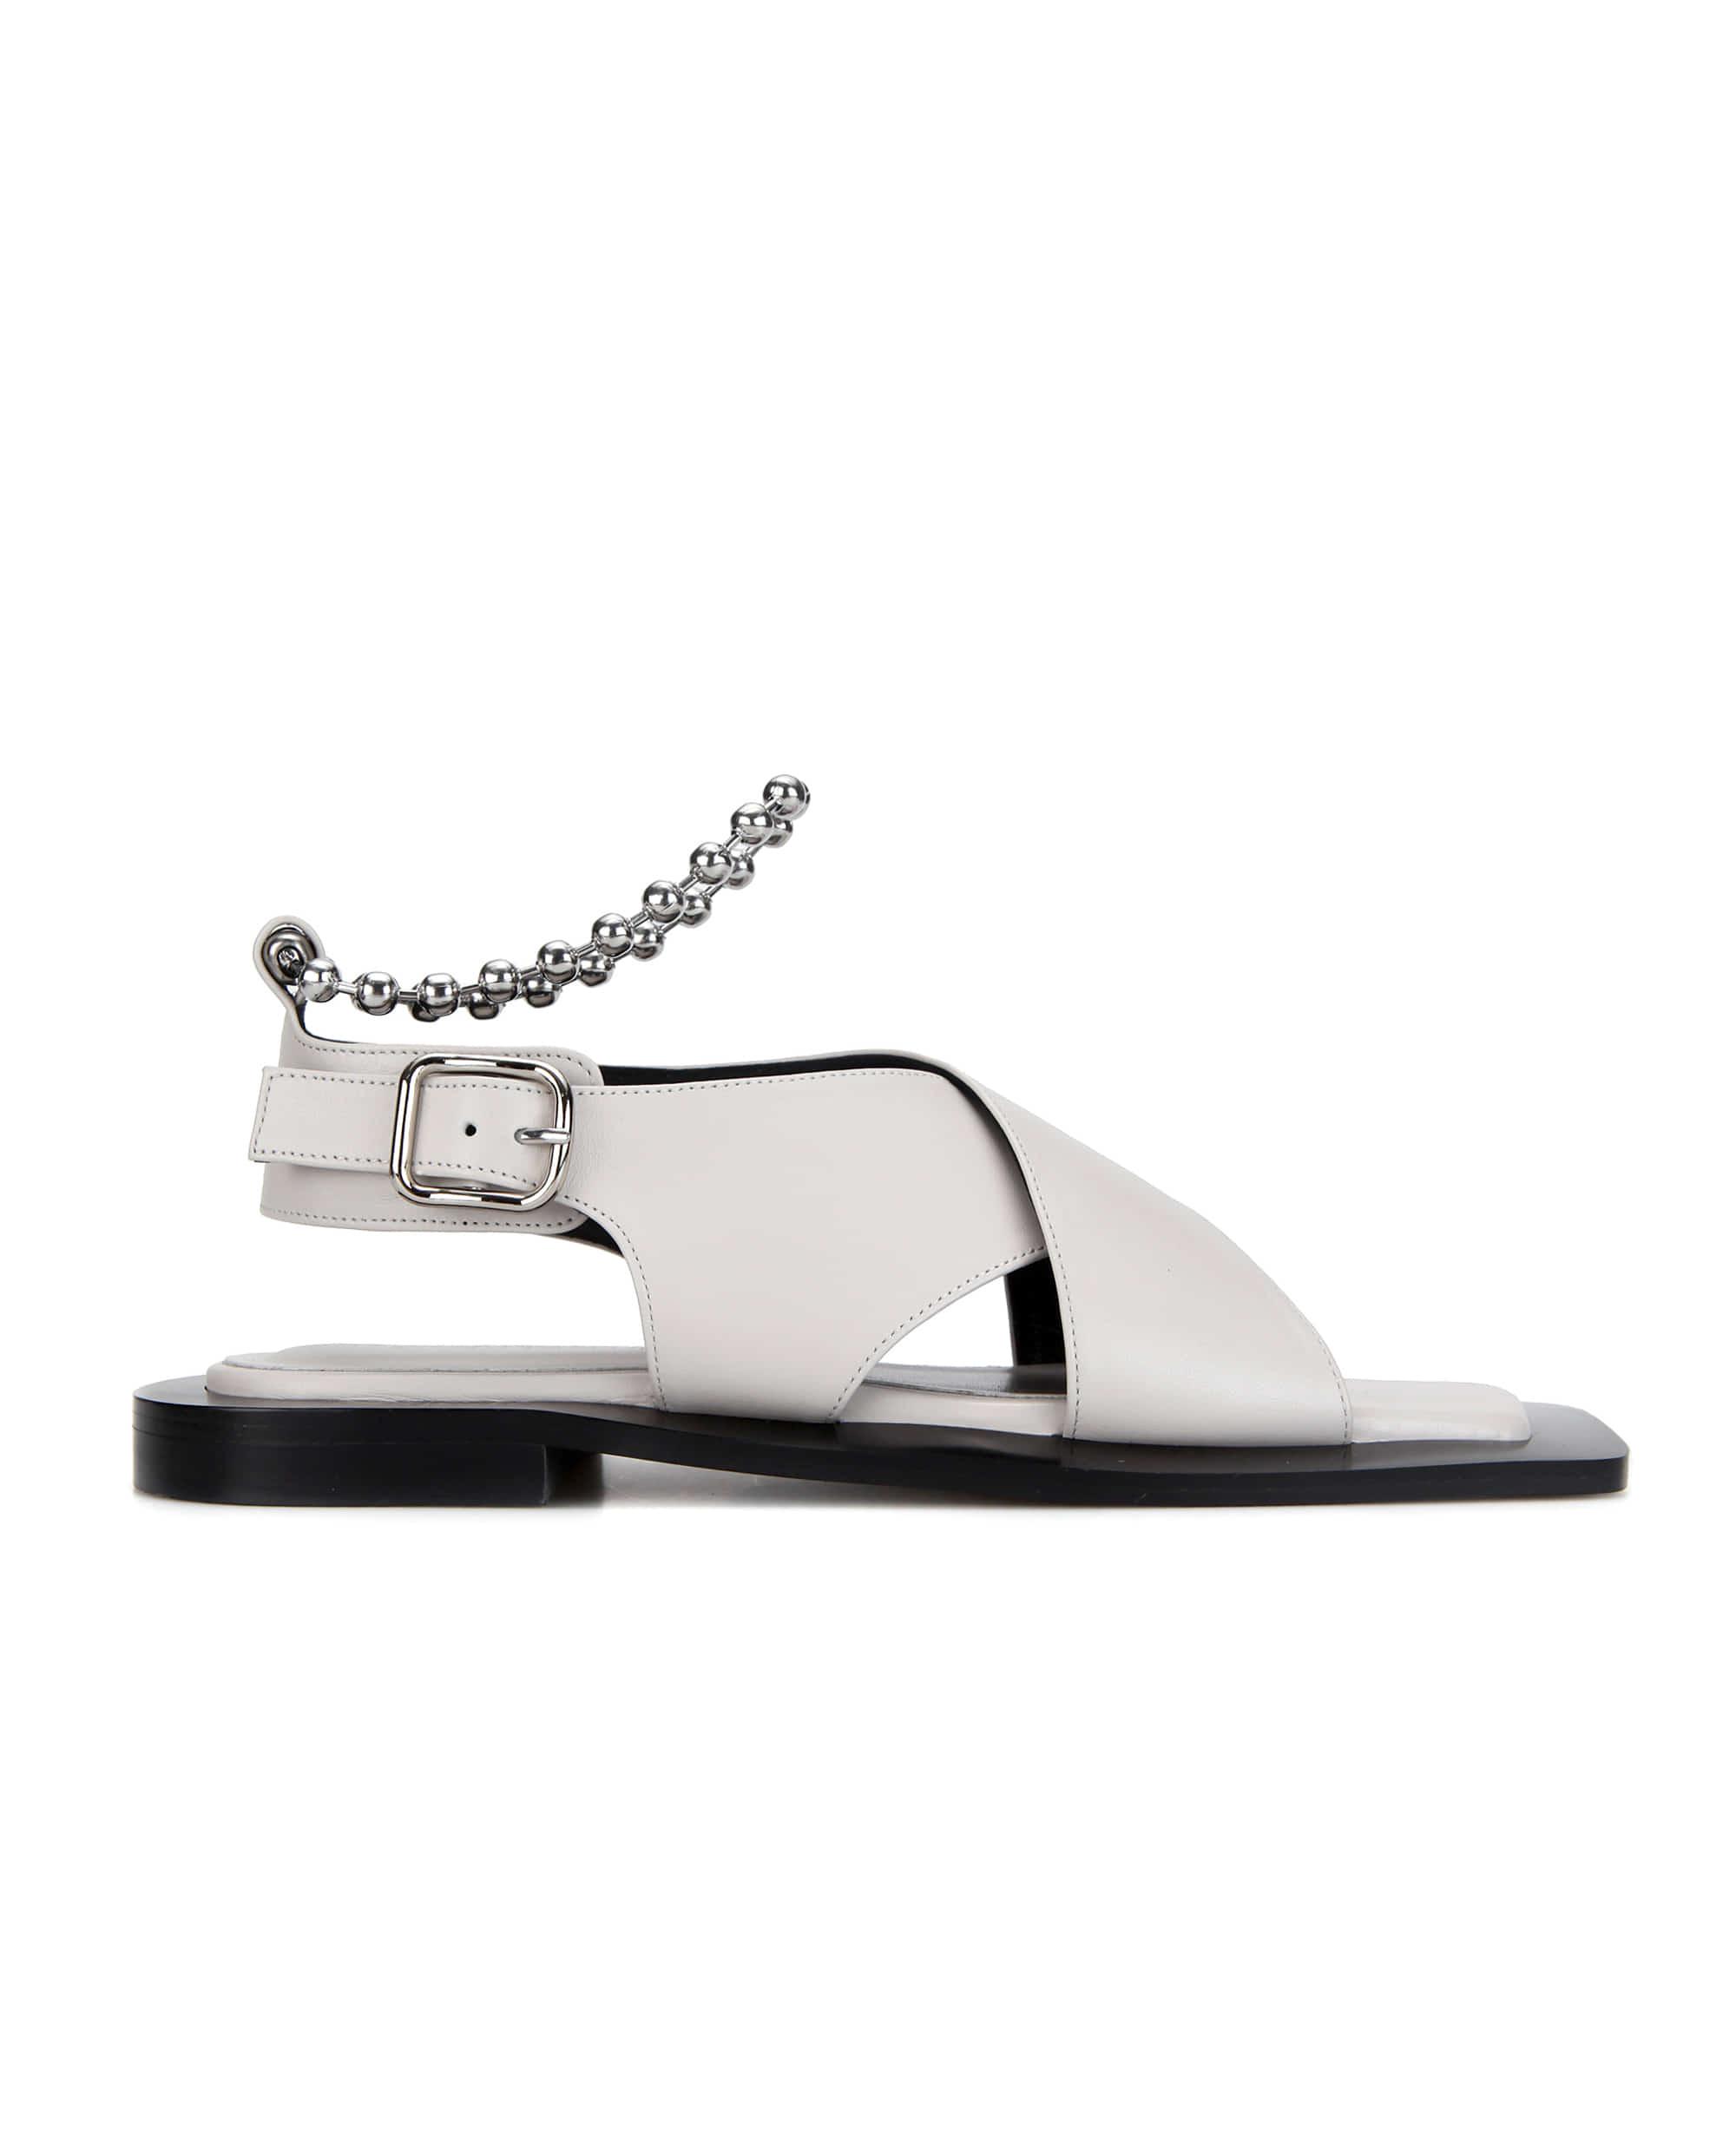 플랫아파트먼트, 플랫아파트먼트 신발, 플랫아파트먼트 슈즈, 스퀘어토, 사각코, 스퀘어 토 샌들, 크리스크로스 샌들, 볼체인 샌들, 스트랩 샌들, 사각코슈즈, 샌들, 여름 샌들, wide square toe sandals, square toe sandal, square toe shoes, summer shoes, summer sandals, square toe ball chain sandal, cirss cross sandal, ball chain anklet, anklet sandal, flatapartment, flat apartment, flat apartment shoes, flatapartment shoes, strappy platforms, square toe platforms, square toe shoes, criss cross strappy shoes, strappy platforms, square toe platforms, shoes, Seoul fashion, K fashion, platform shoes, platforms